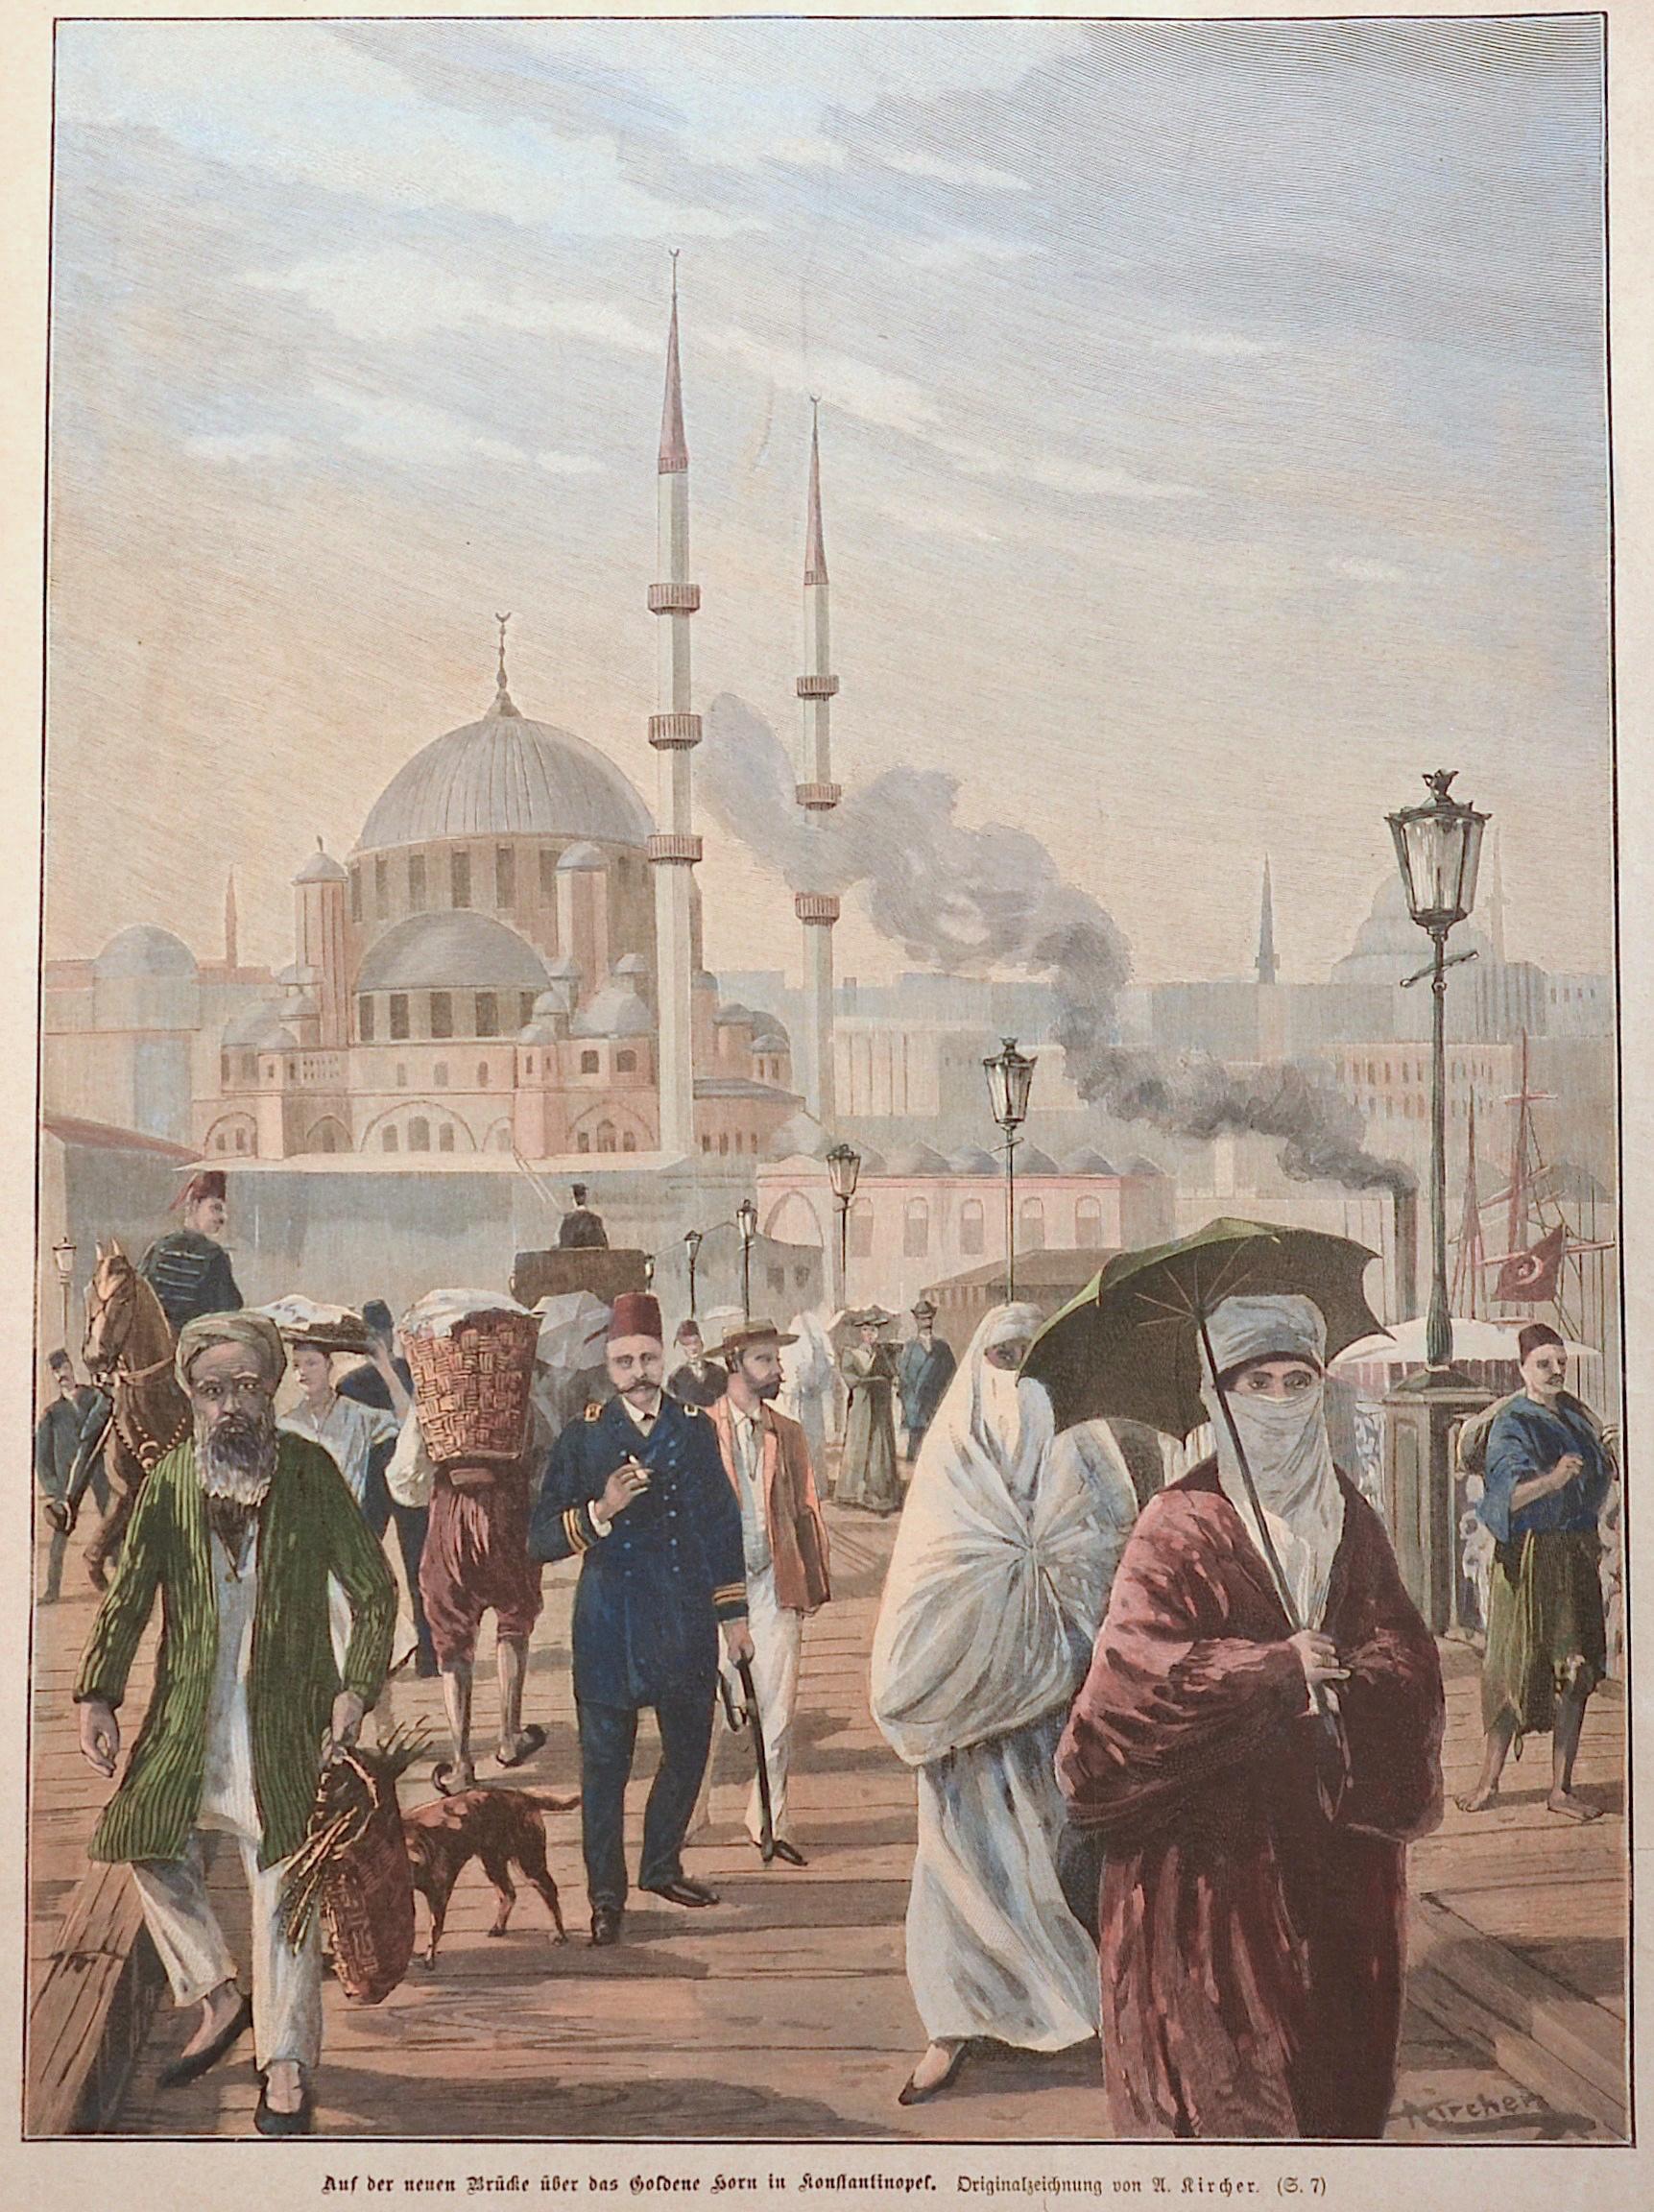 Kircher  Auf der neuen Brücke über das Goldene Horn in Constantinopel